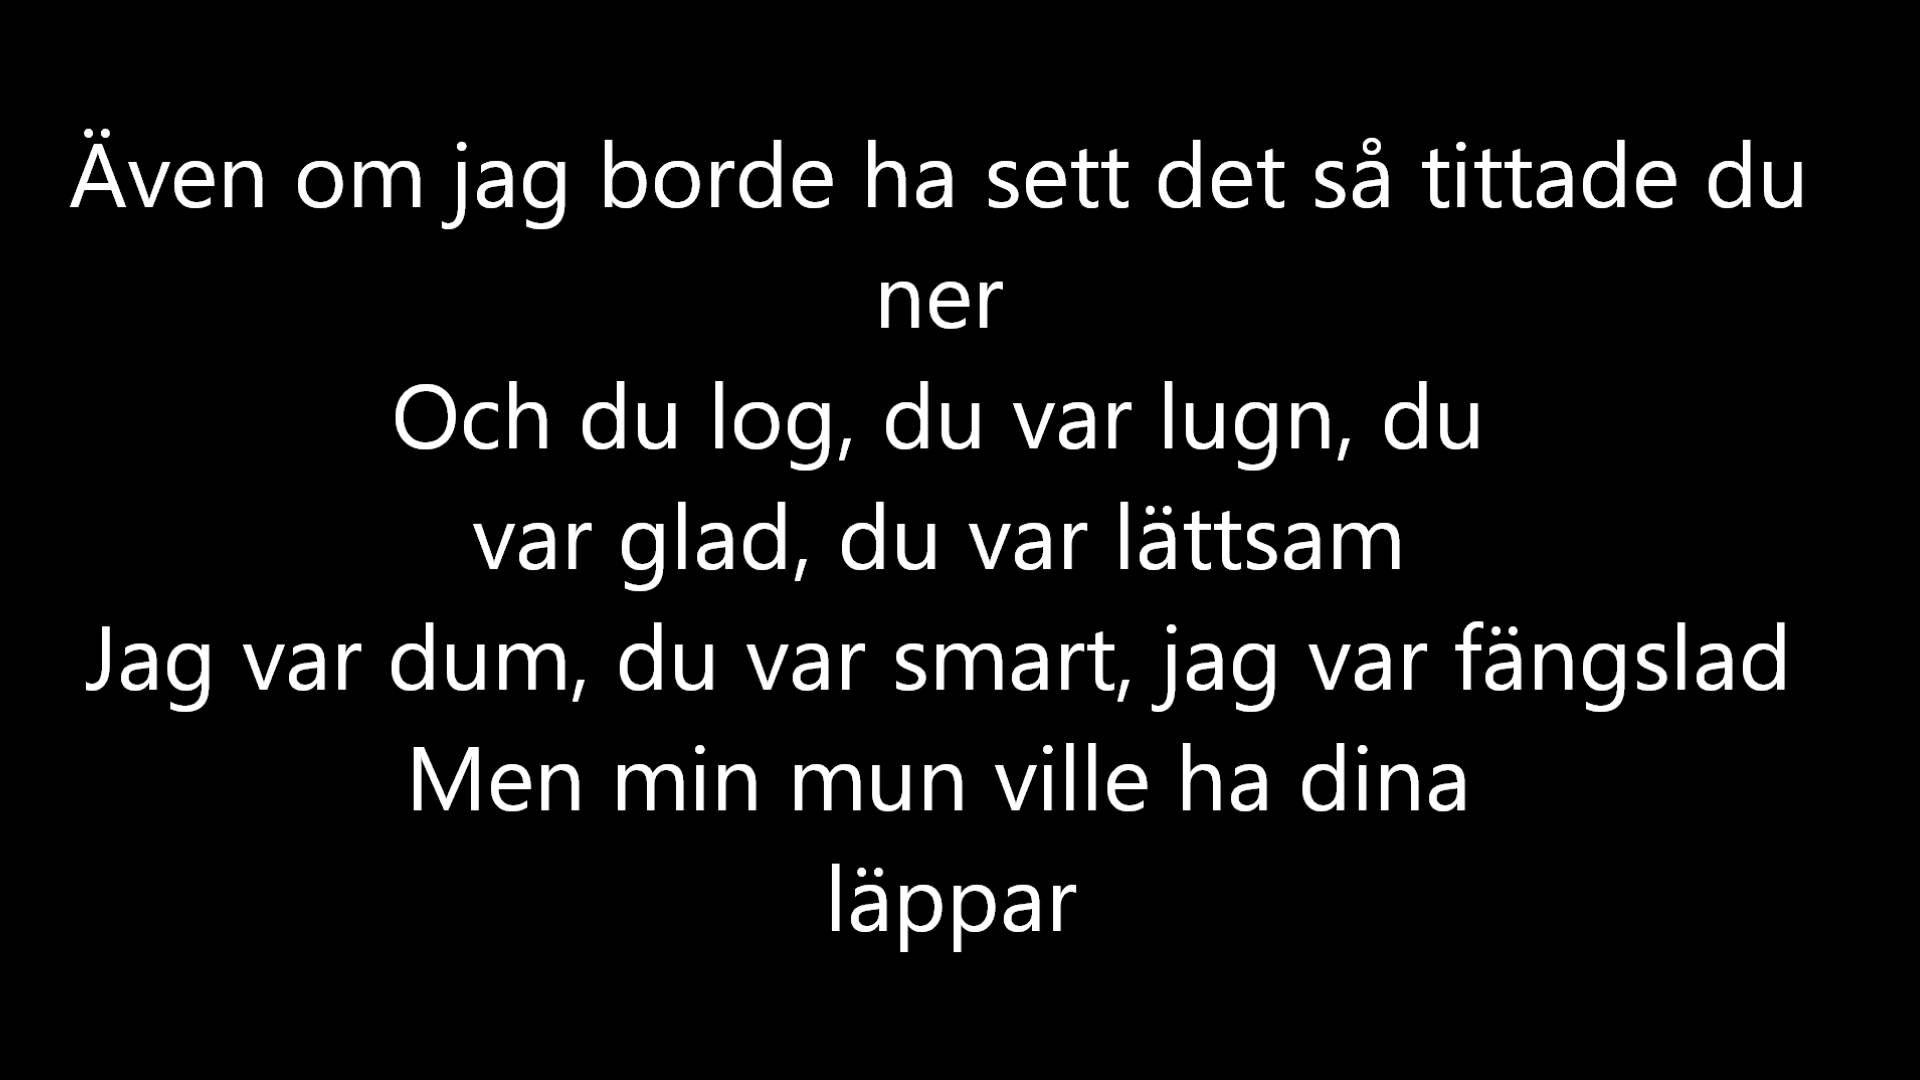 Norlie Kkv Nar Jag Gar Ner Lyrics On Screen Inspirerande Citat Citat Om Smarta Kar Citat